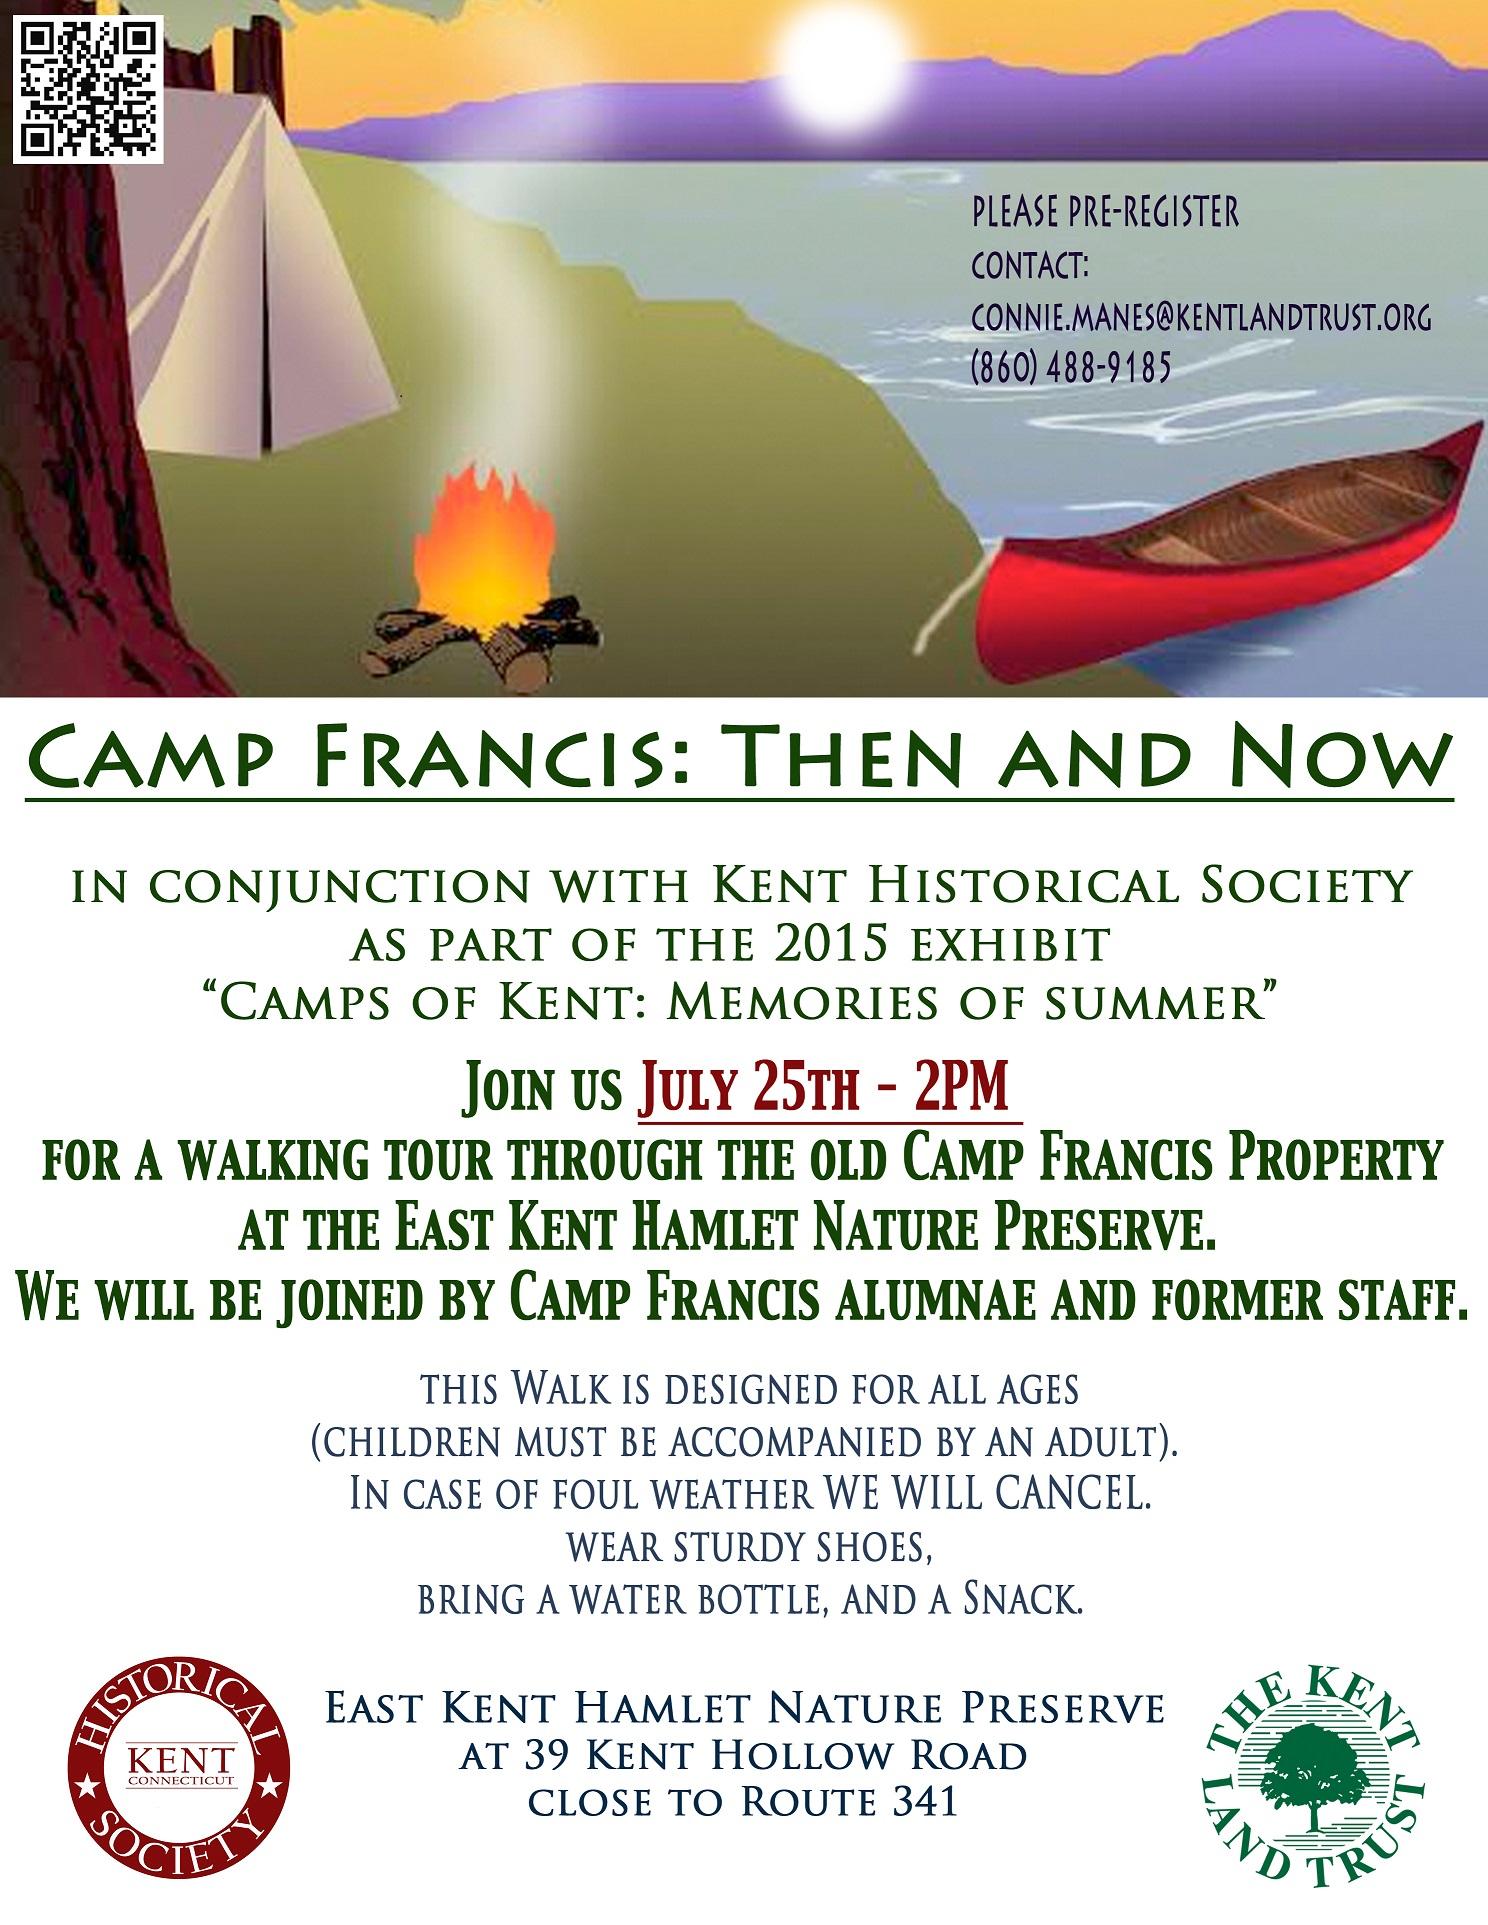 July 25th Camp Francis alumnae hike EKHNP poster 2